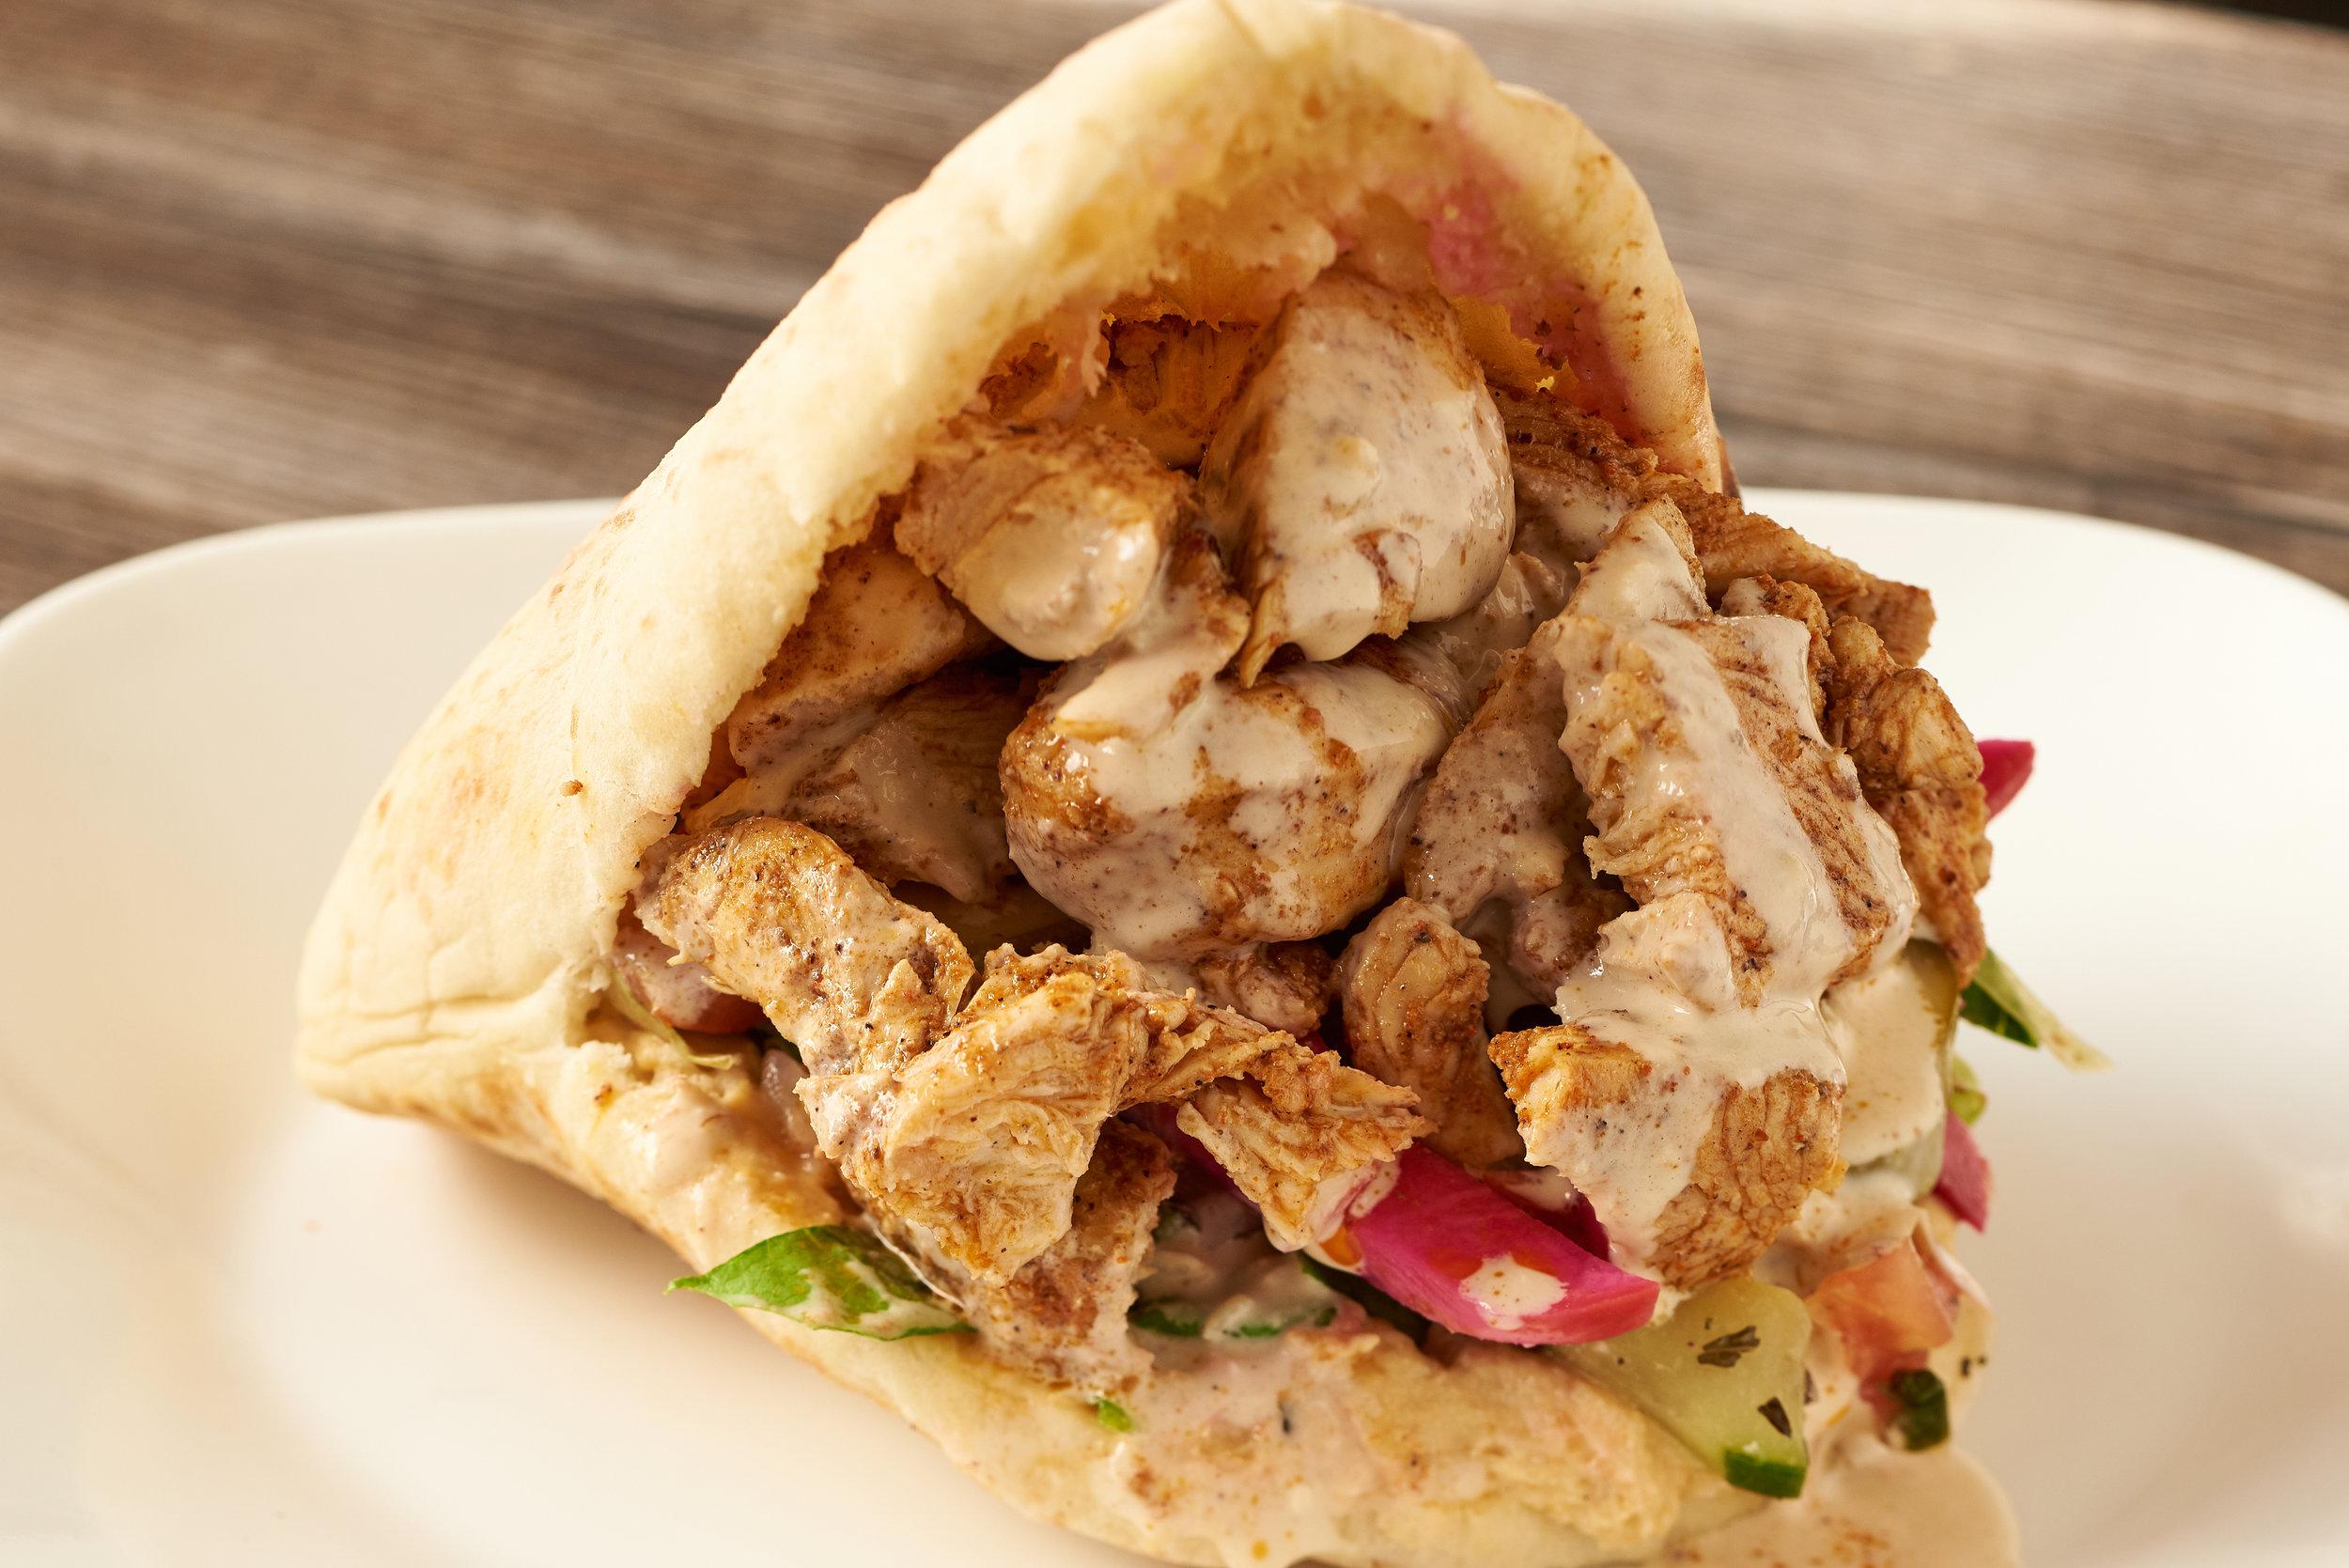 350291 Chicken shawarma pocket.jpg